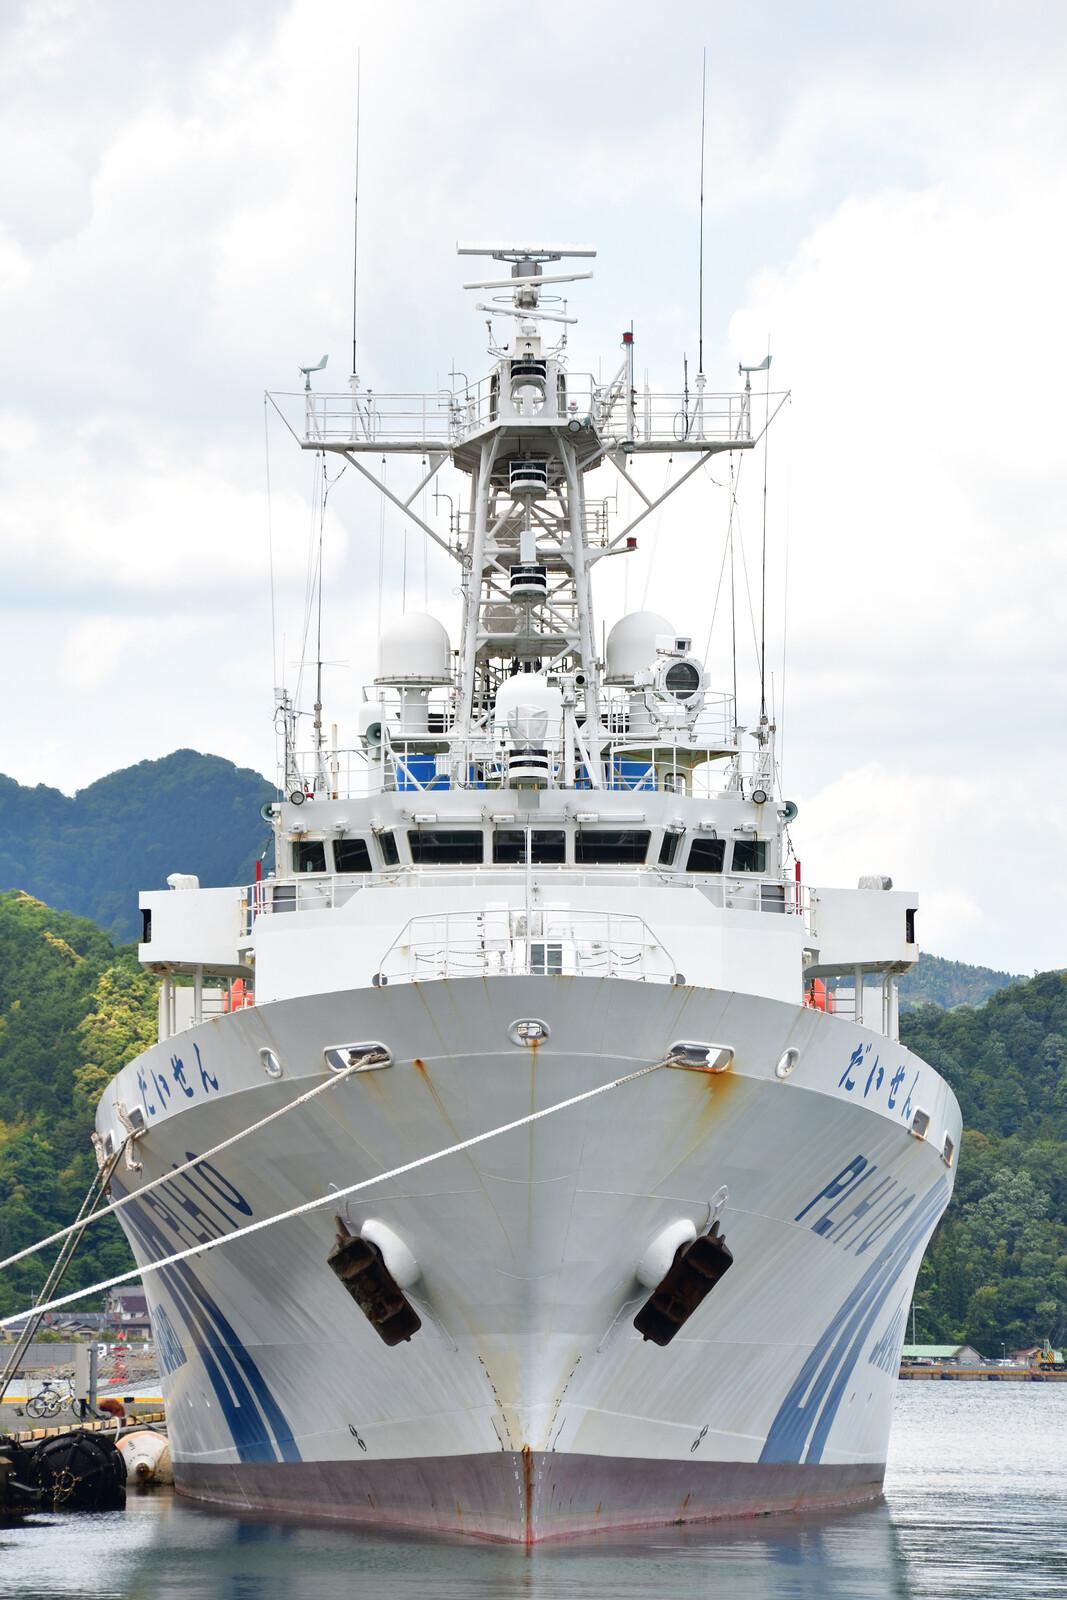 はーくの鉄道日記舞鶴港で並ぶ巡視船「だいせん」「ふそう」コメント                        はーく